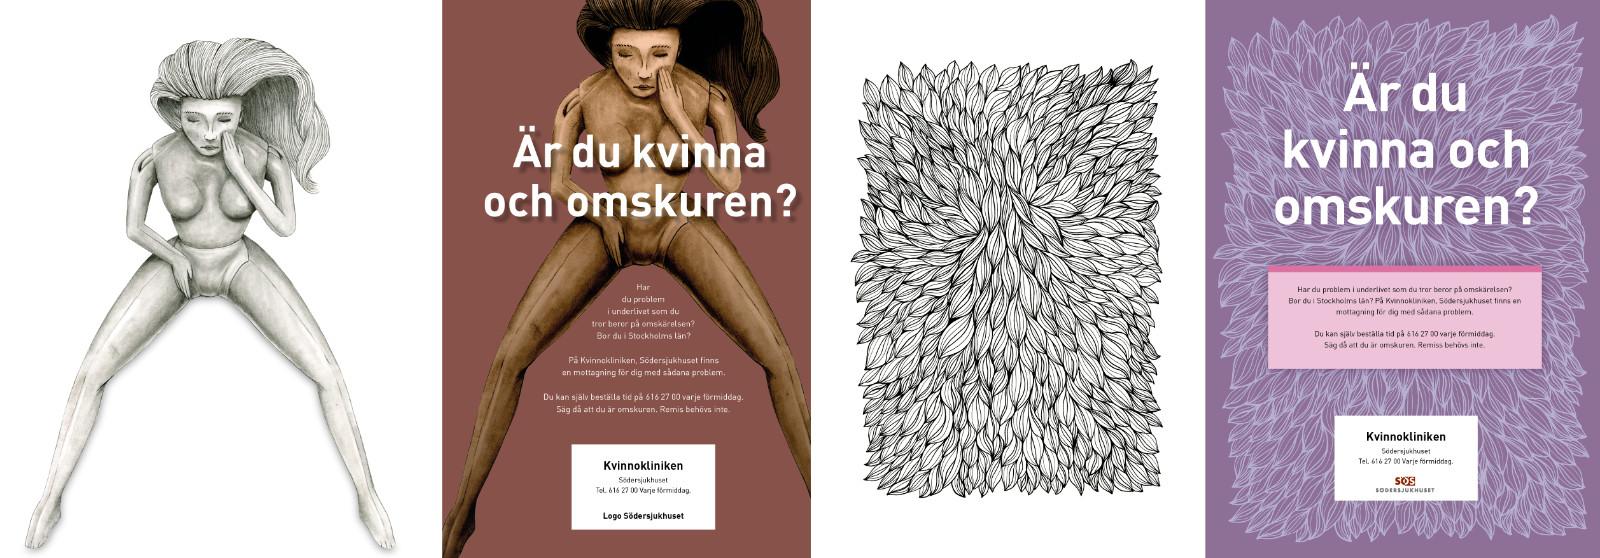 Från vänster till höger, förslag som blev fel och sedan utvecklingen till vad som sedan blev någit som fungerade för kunden. Illustration: Magnus Frederiksen.